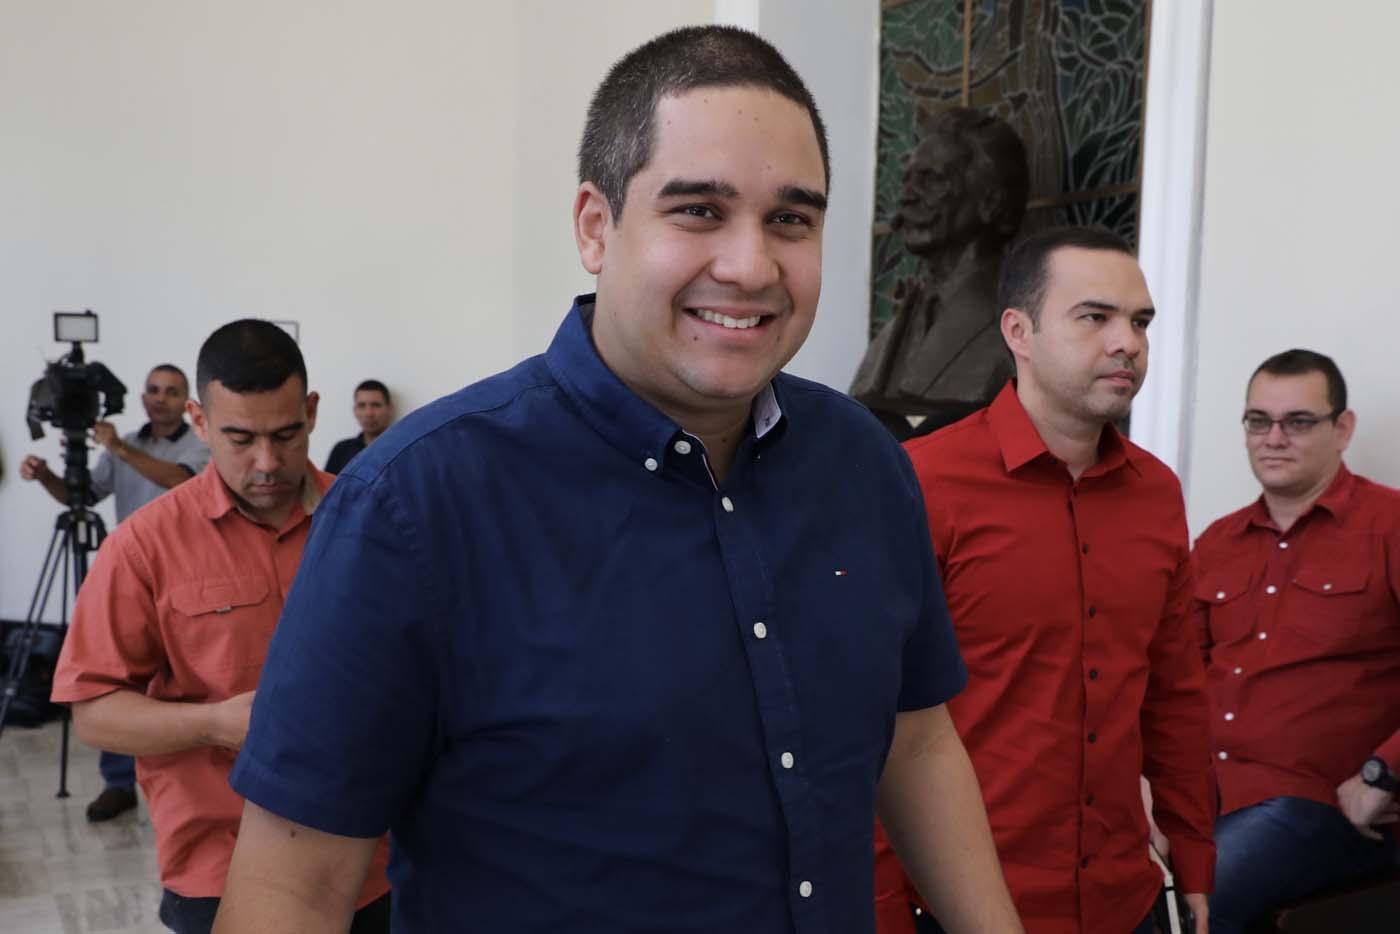 CAR05. CARACAS (VENEZUELA), 08/08/2017.- Nicolás Maduro Guerra (c), hijo del presidente Nicolás Maduro, asiste hoy, martes 8 de agosto de 2017, a la segunda sesión plenaria de la Asamblea Nacional Constituyente, en Caracas (Venezuela). EFE/Miguel Gutiérrez